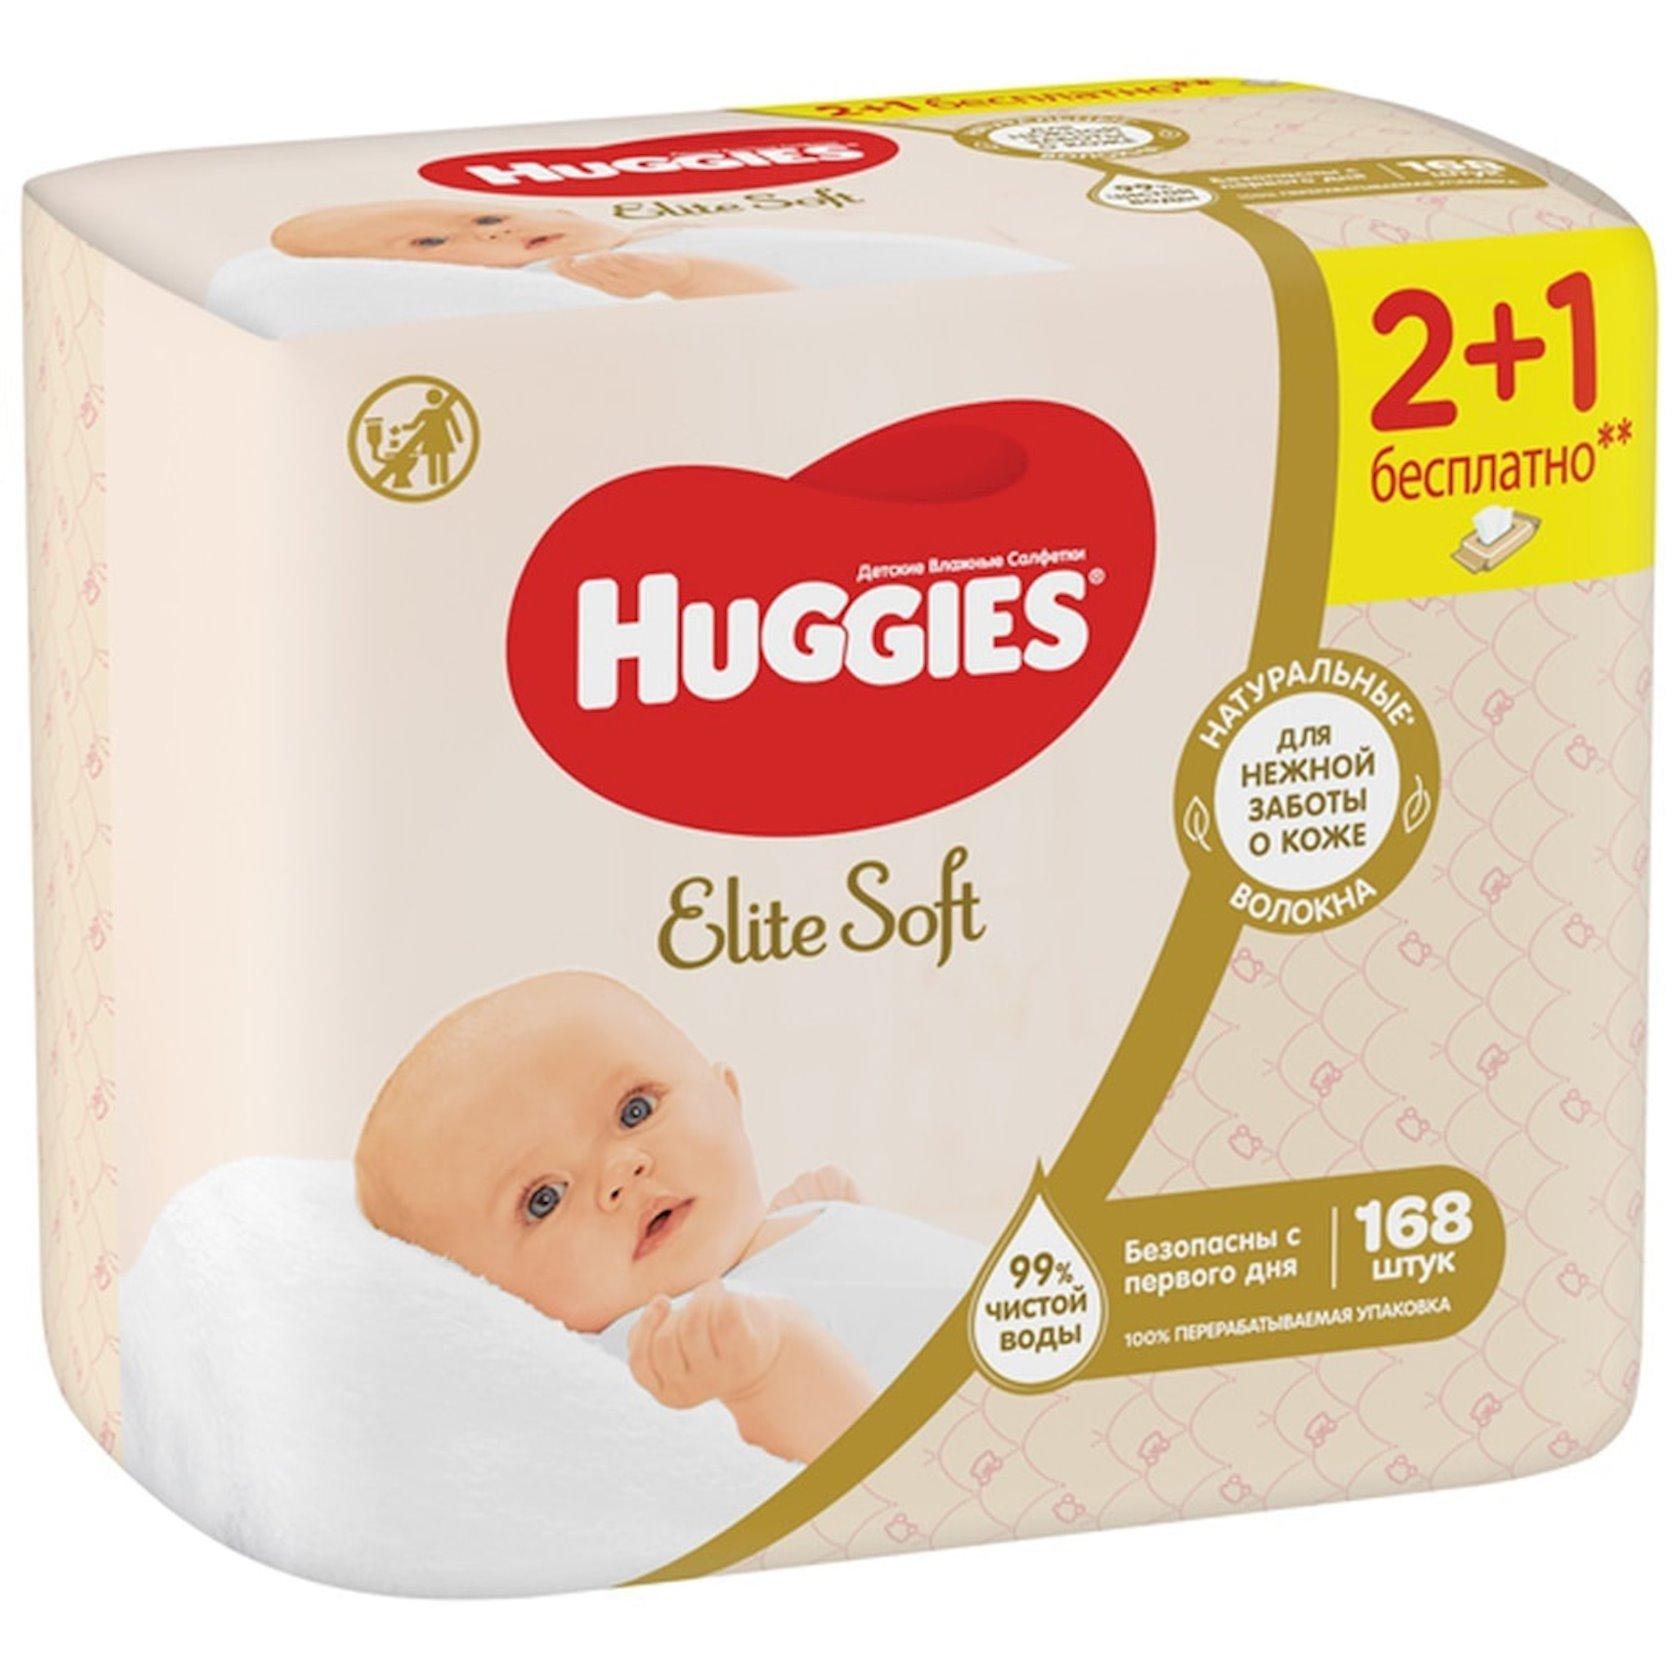 Nəm salfetlər uşaq üçün Huggies Elite Soft 168 əd